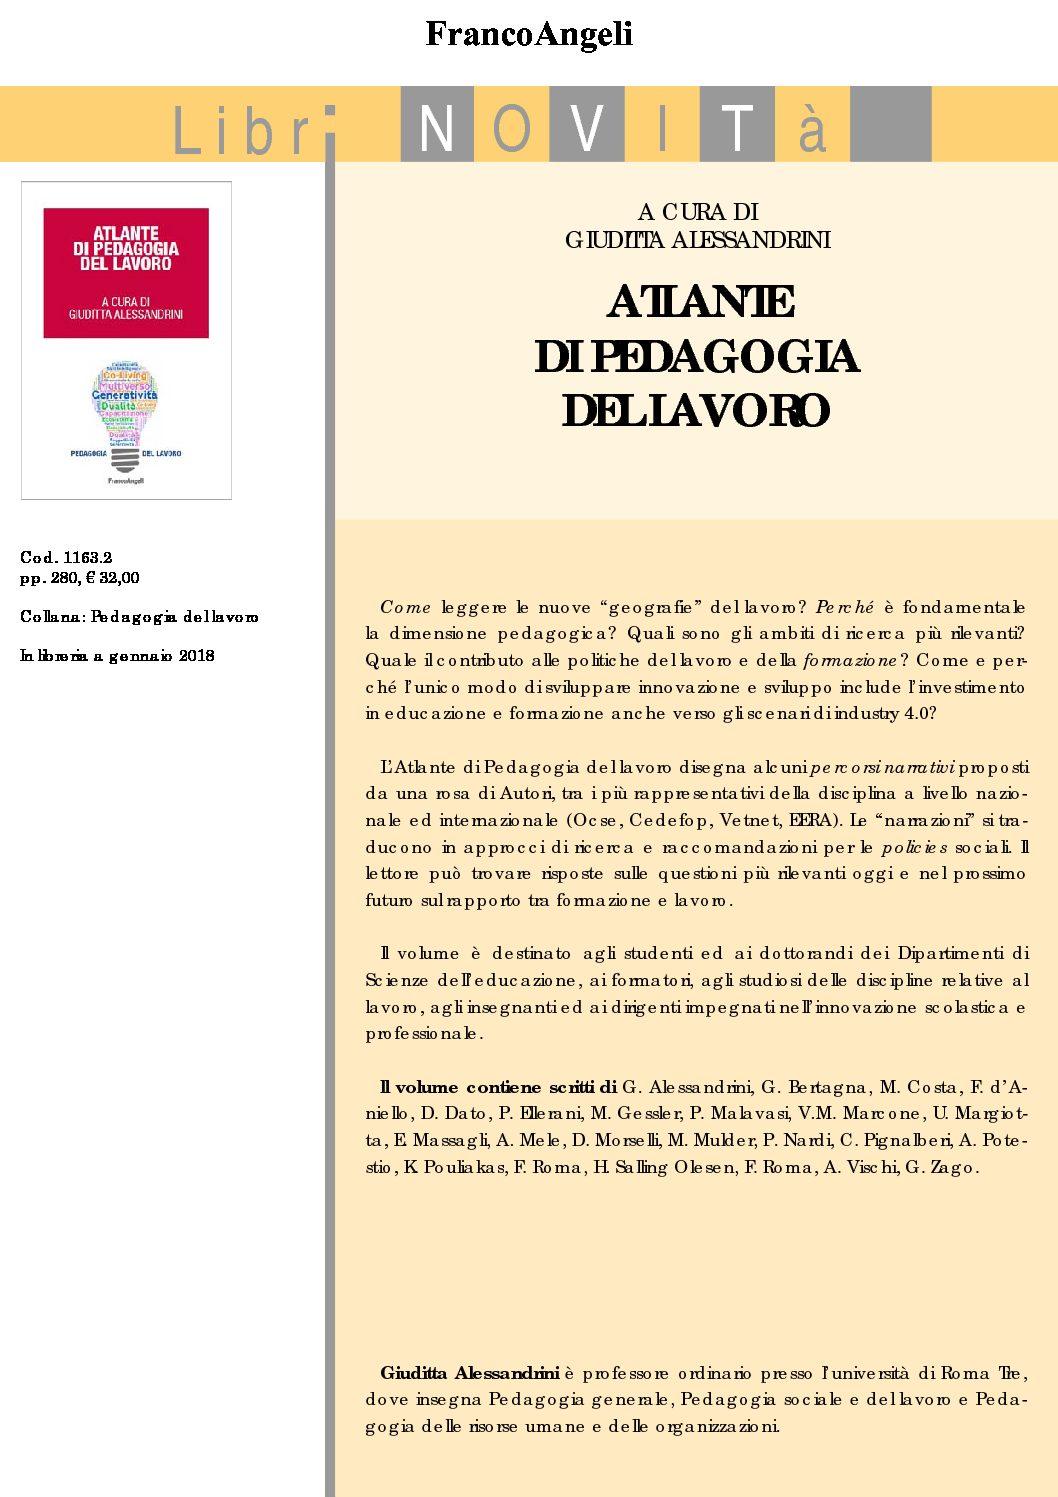 """Pubblicazione del volume """"Atlante di Pedagogia del Lavoro"""""""